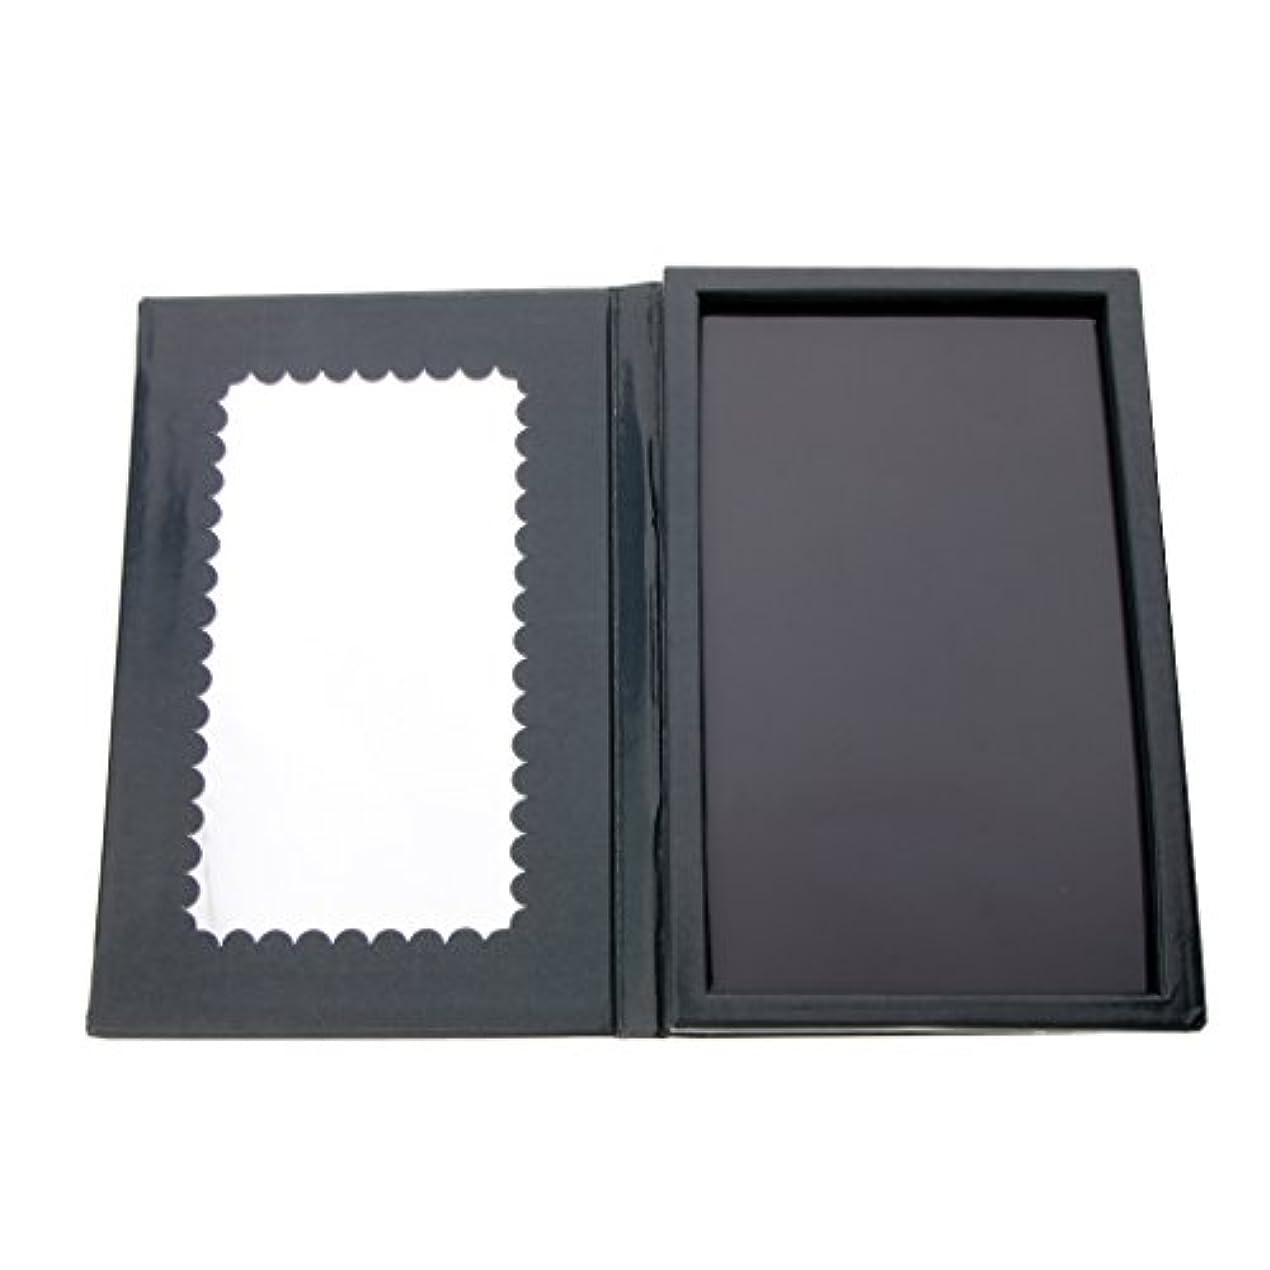 一貫性のない冷えるとてもメイクアップ 空パレット 磁気パレット 化粧品ケース アイシャドウ パウダー 整理 保管 旅行 便利